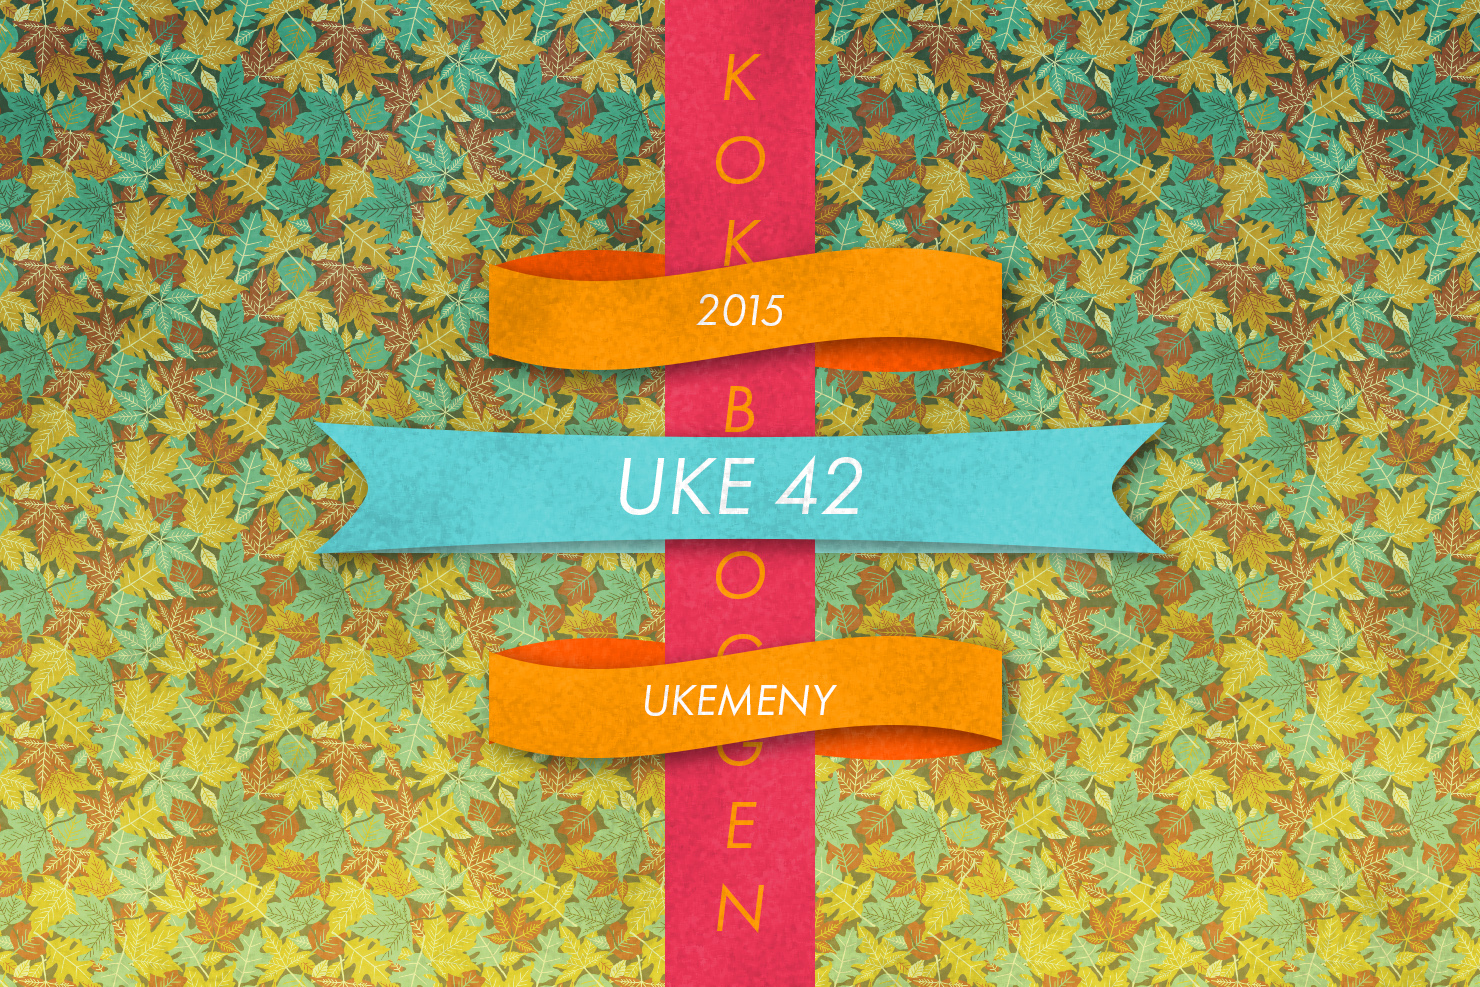 Ukemeny | Uke 42 | 2015| Kokebloggen